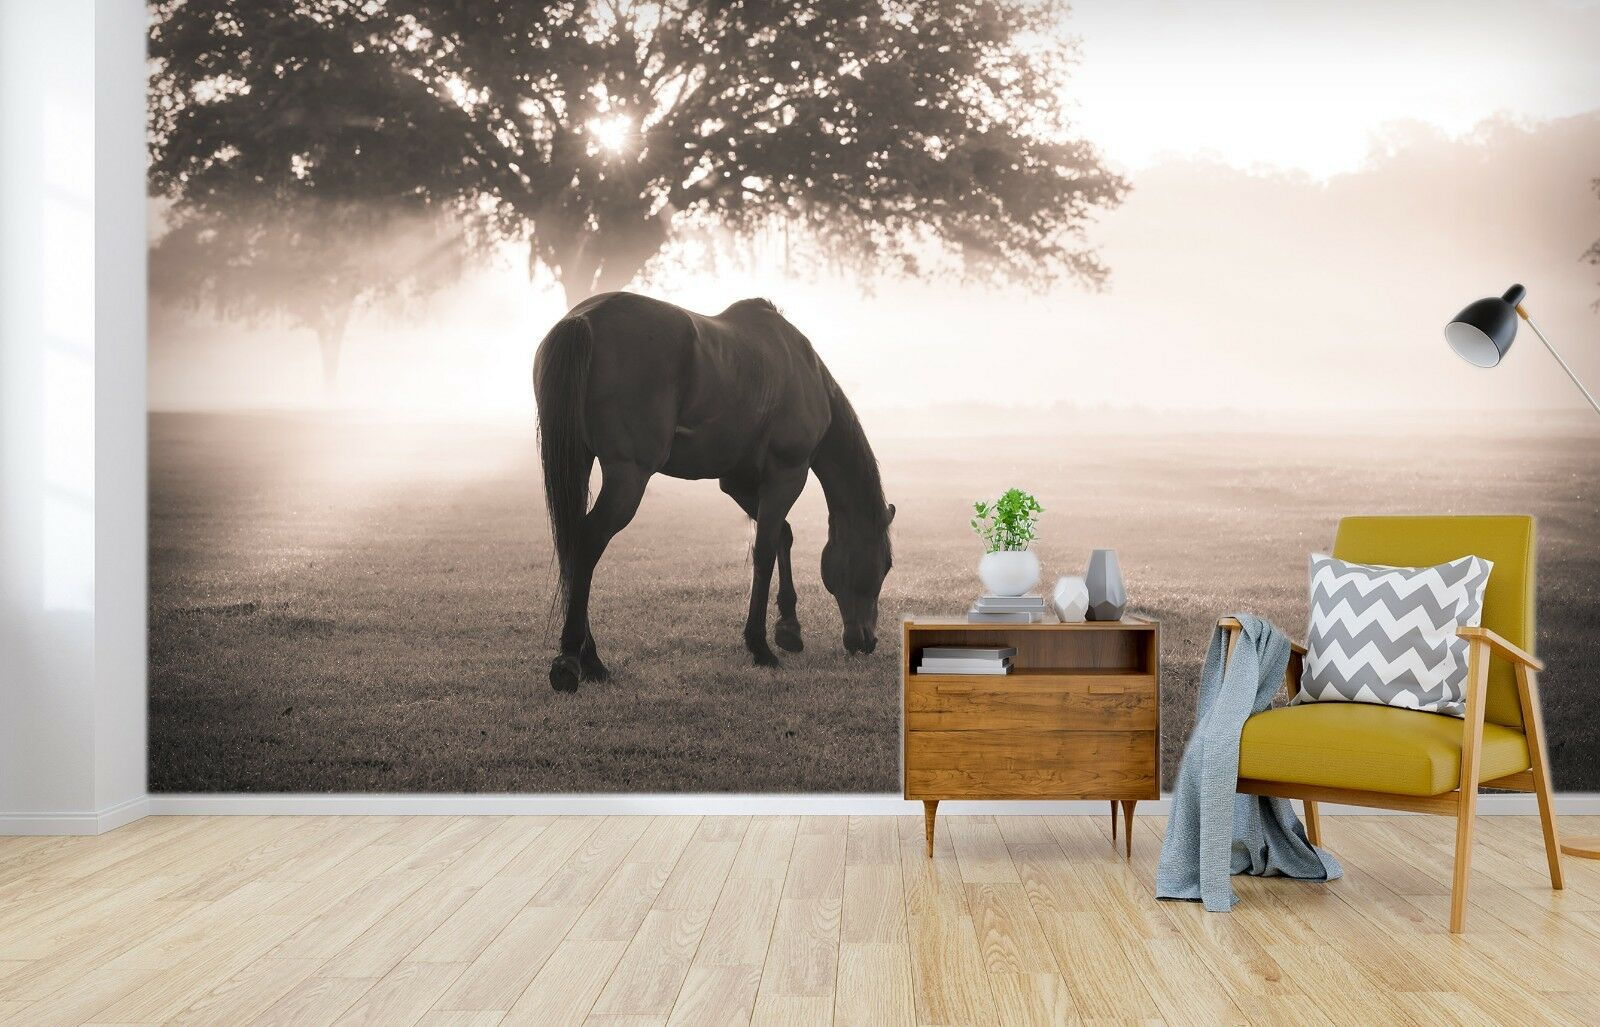 3D Grau Pferd Bäume 712 Tapete Wandgemälde Wandgemälde Wandgemälde Tapete Tapeten Bild Familie DE Sidney | Modisch  | Genial Und Praktisch  |  cb33f0